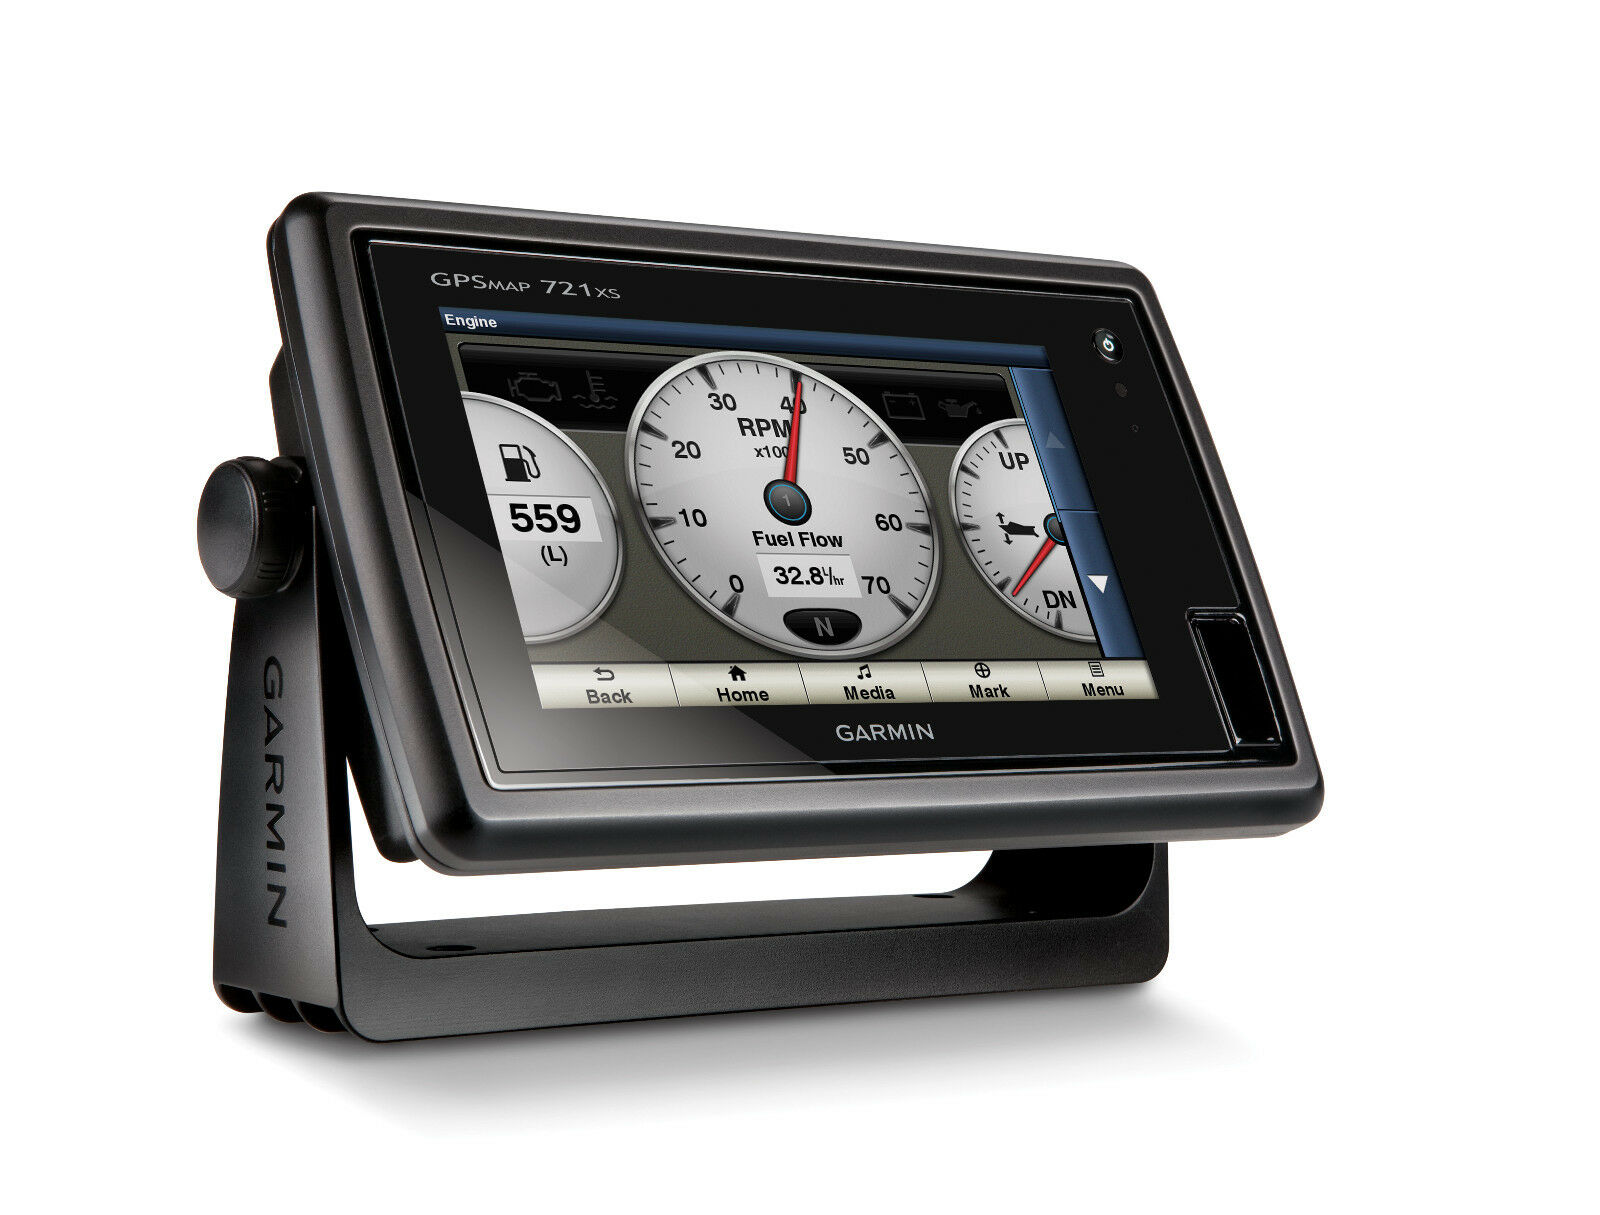 Garmin GPSMAP 721xs DownVü Echolot Kartenplotter CHIRP GPS Angeln Fischfinder Angeln GPS 8f7d9d